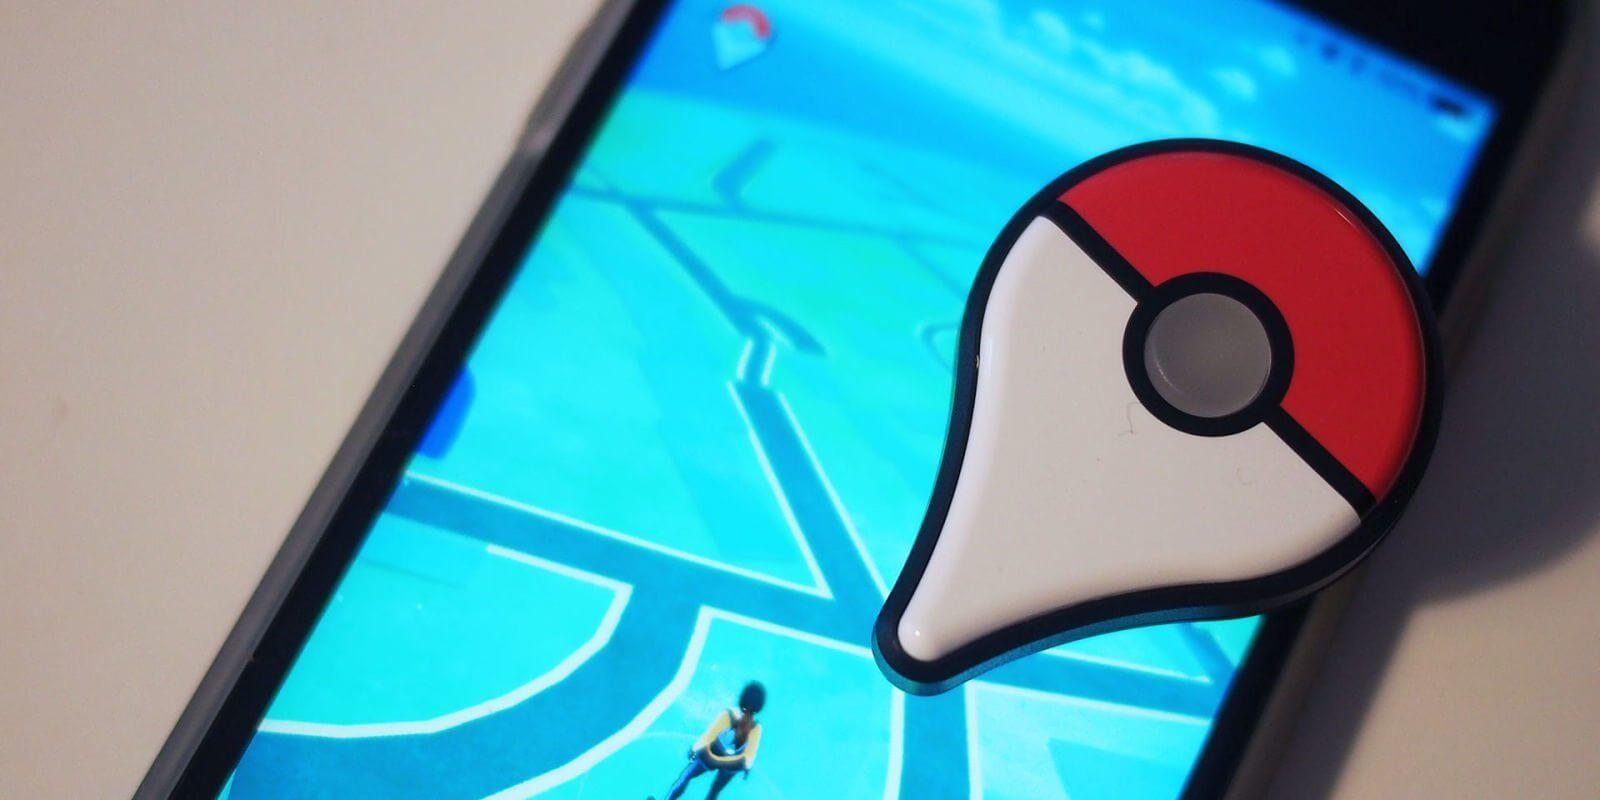 landscape 1474282307 pokemon go plus 2 - Pokémon GO tem evento especial neste final de semana